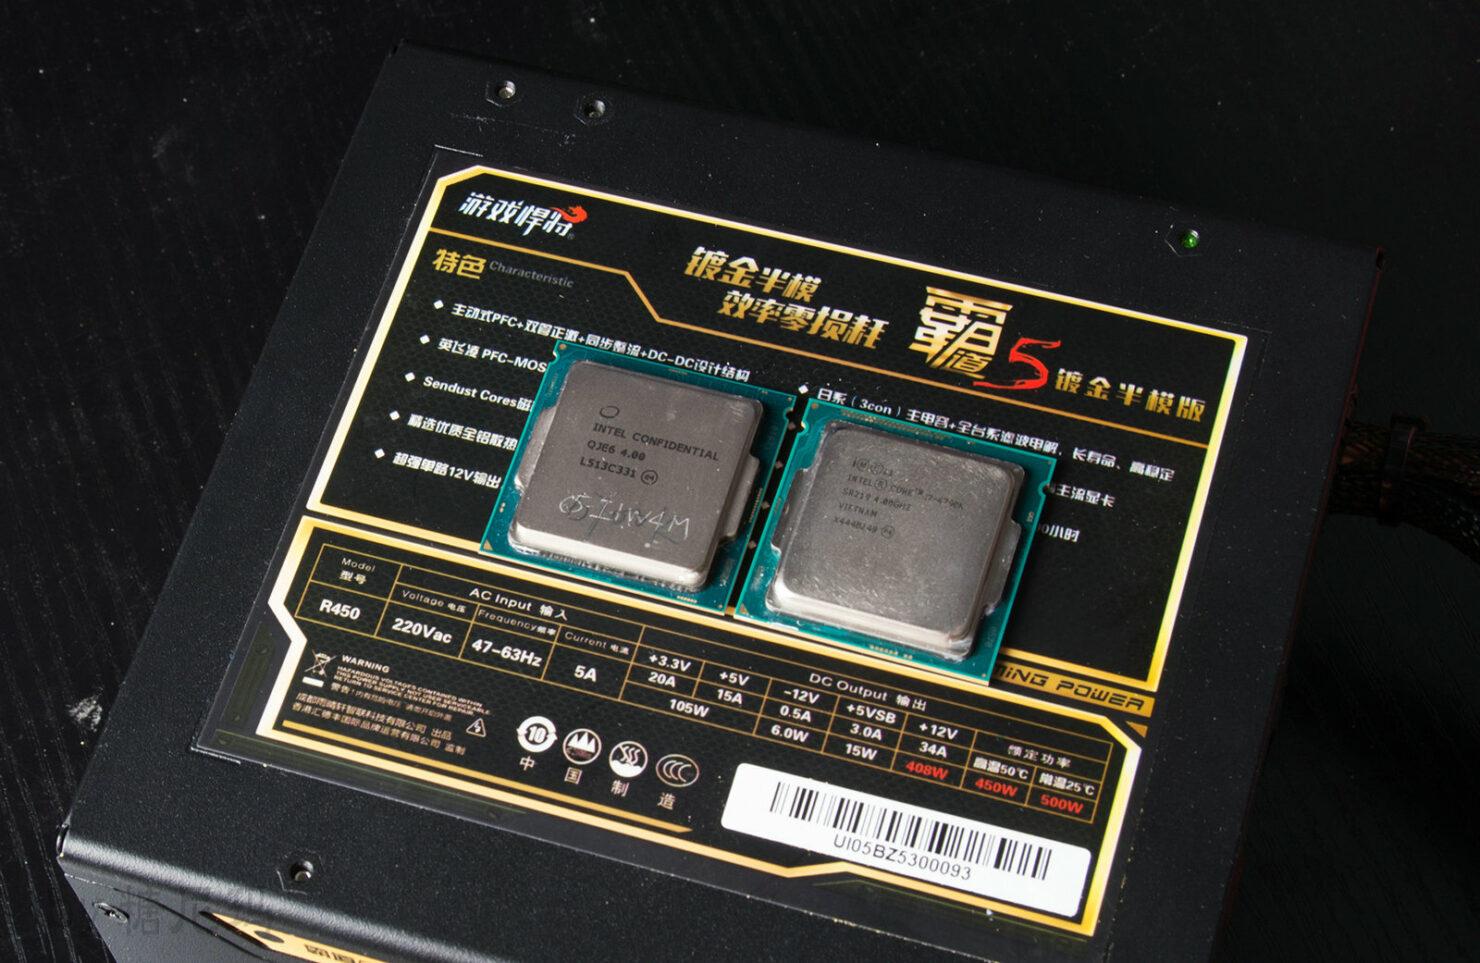 intel-core-i7-6700k-vs-core-i7-4790k_processor-front